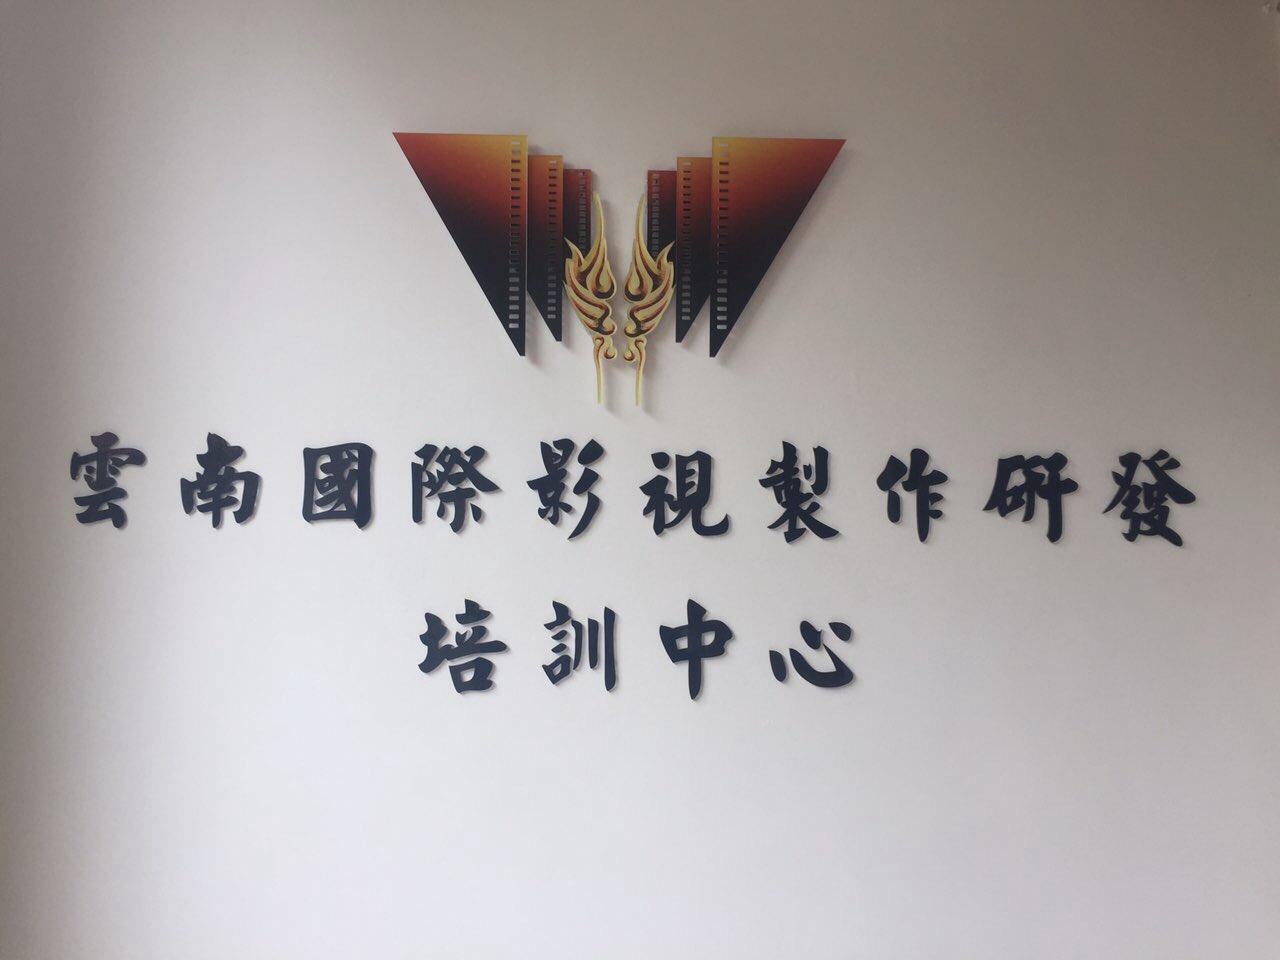 云南影视制作发行有限公司